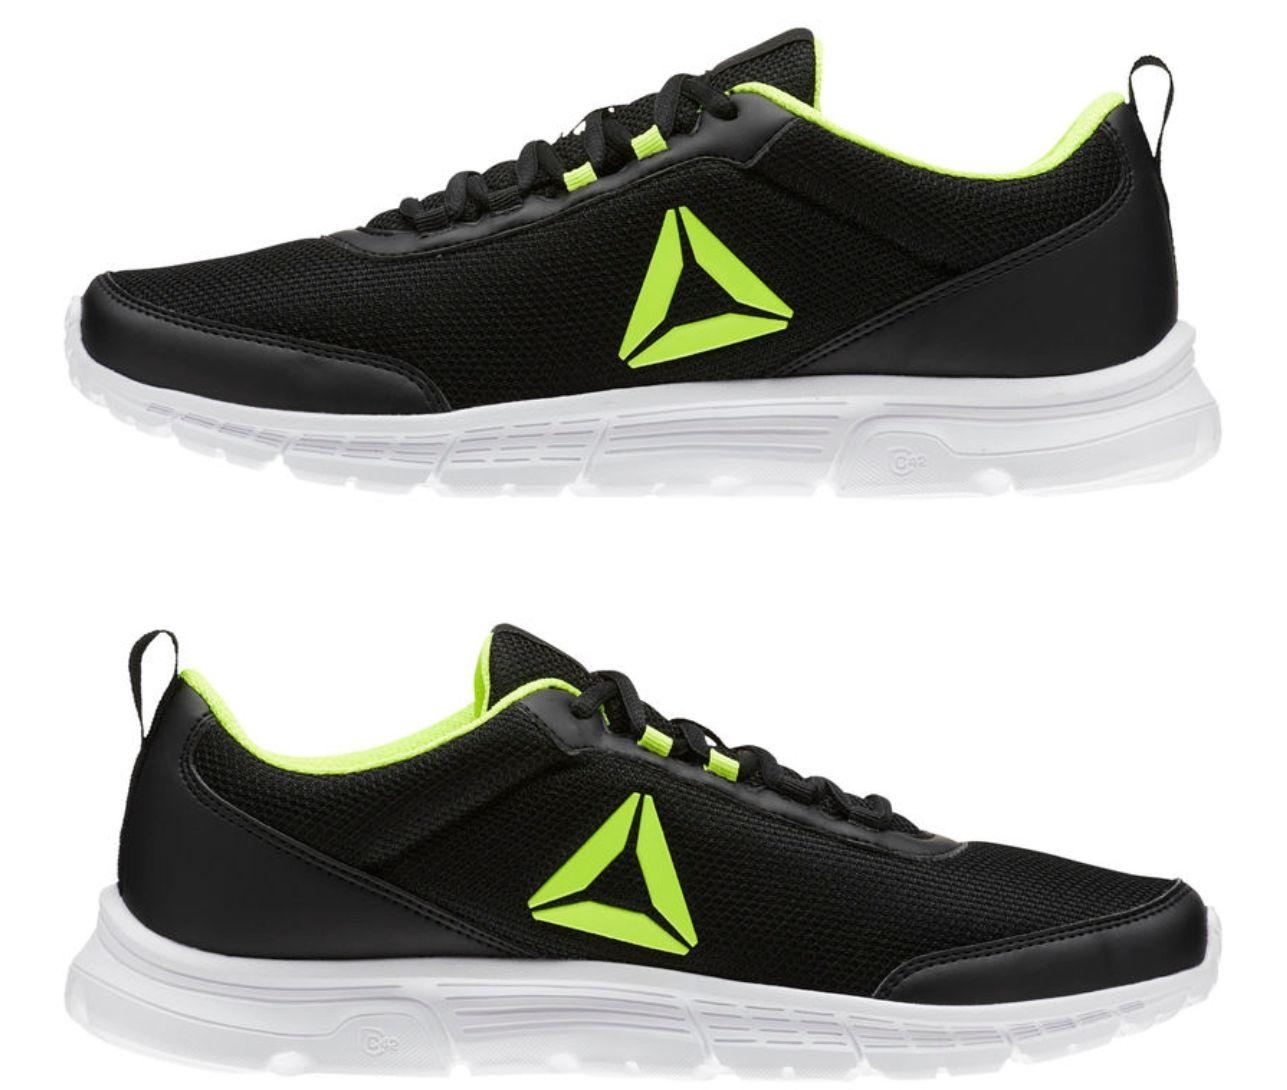 Buty REEBOK Speedlux 3.0. Męskie dla biegaczy i nie tylko...